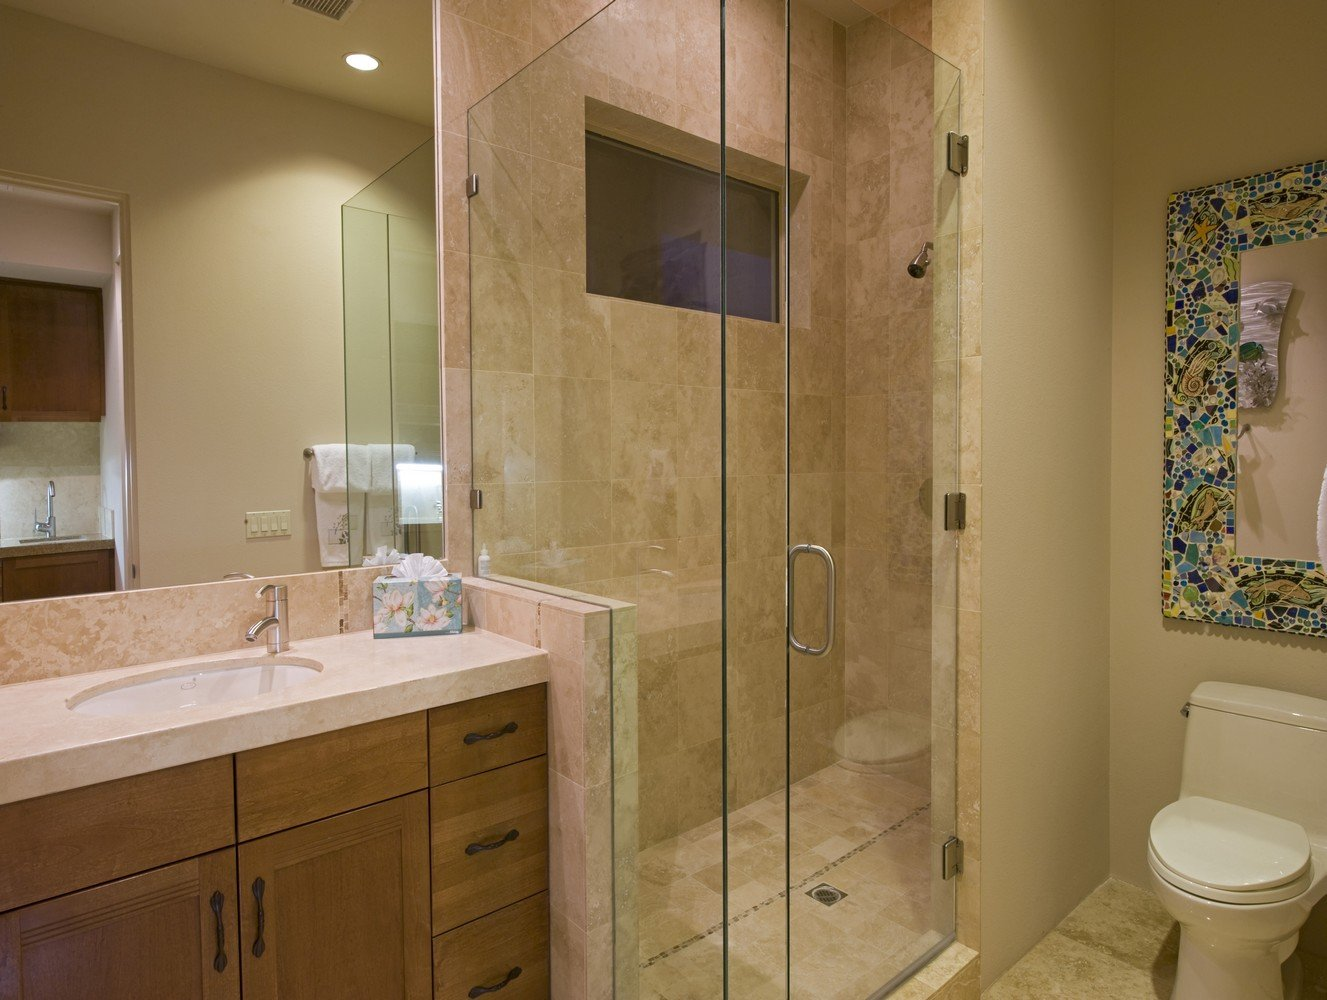 Prime rénovation salle de bain